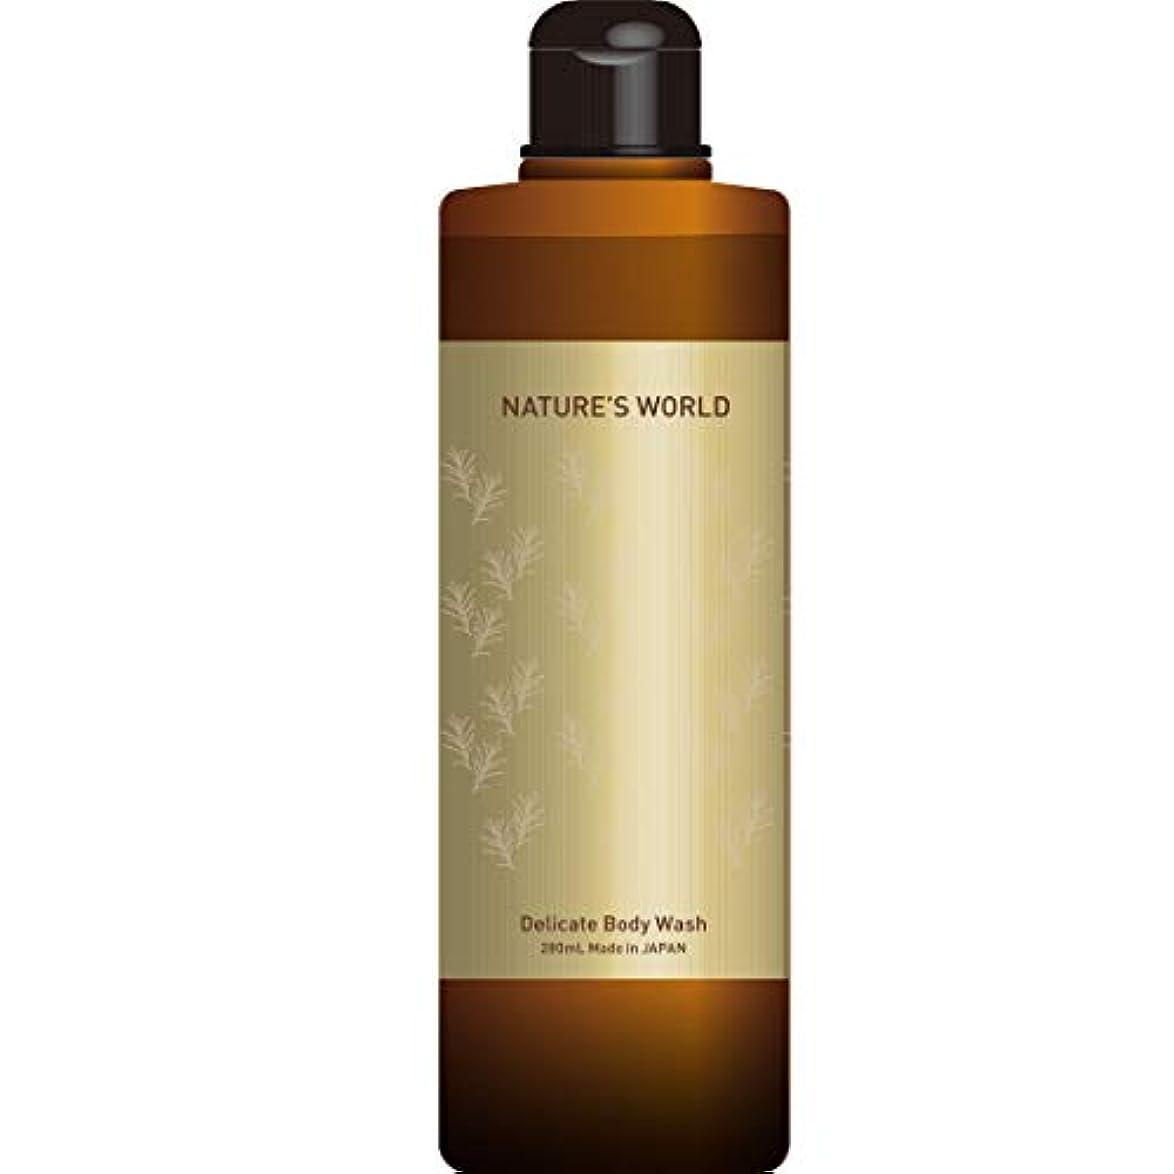 パートナー合意蒸留NATURE'S WORLD(ネイチャーズワールド) Nature's World デリケートボディソープ シトラスフローラルの香り 280ml